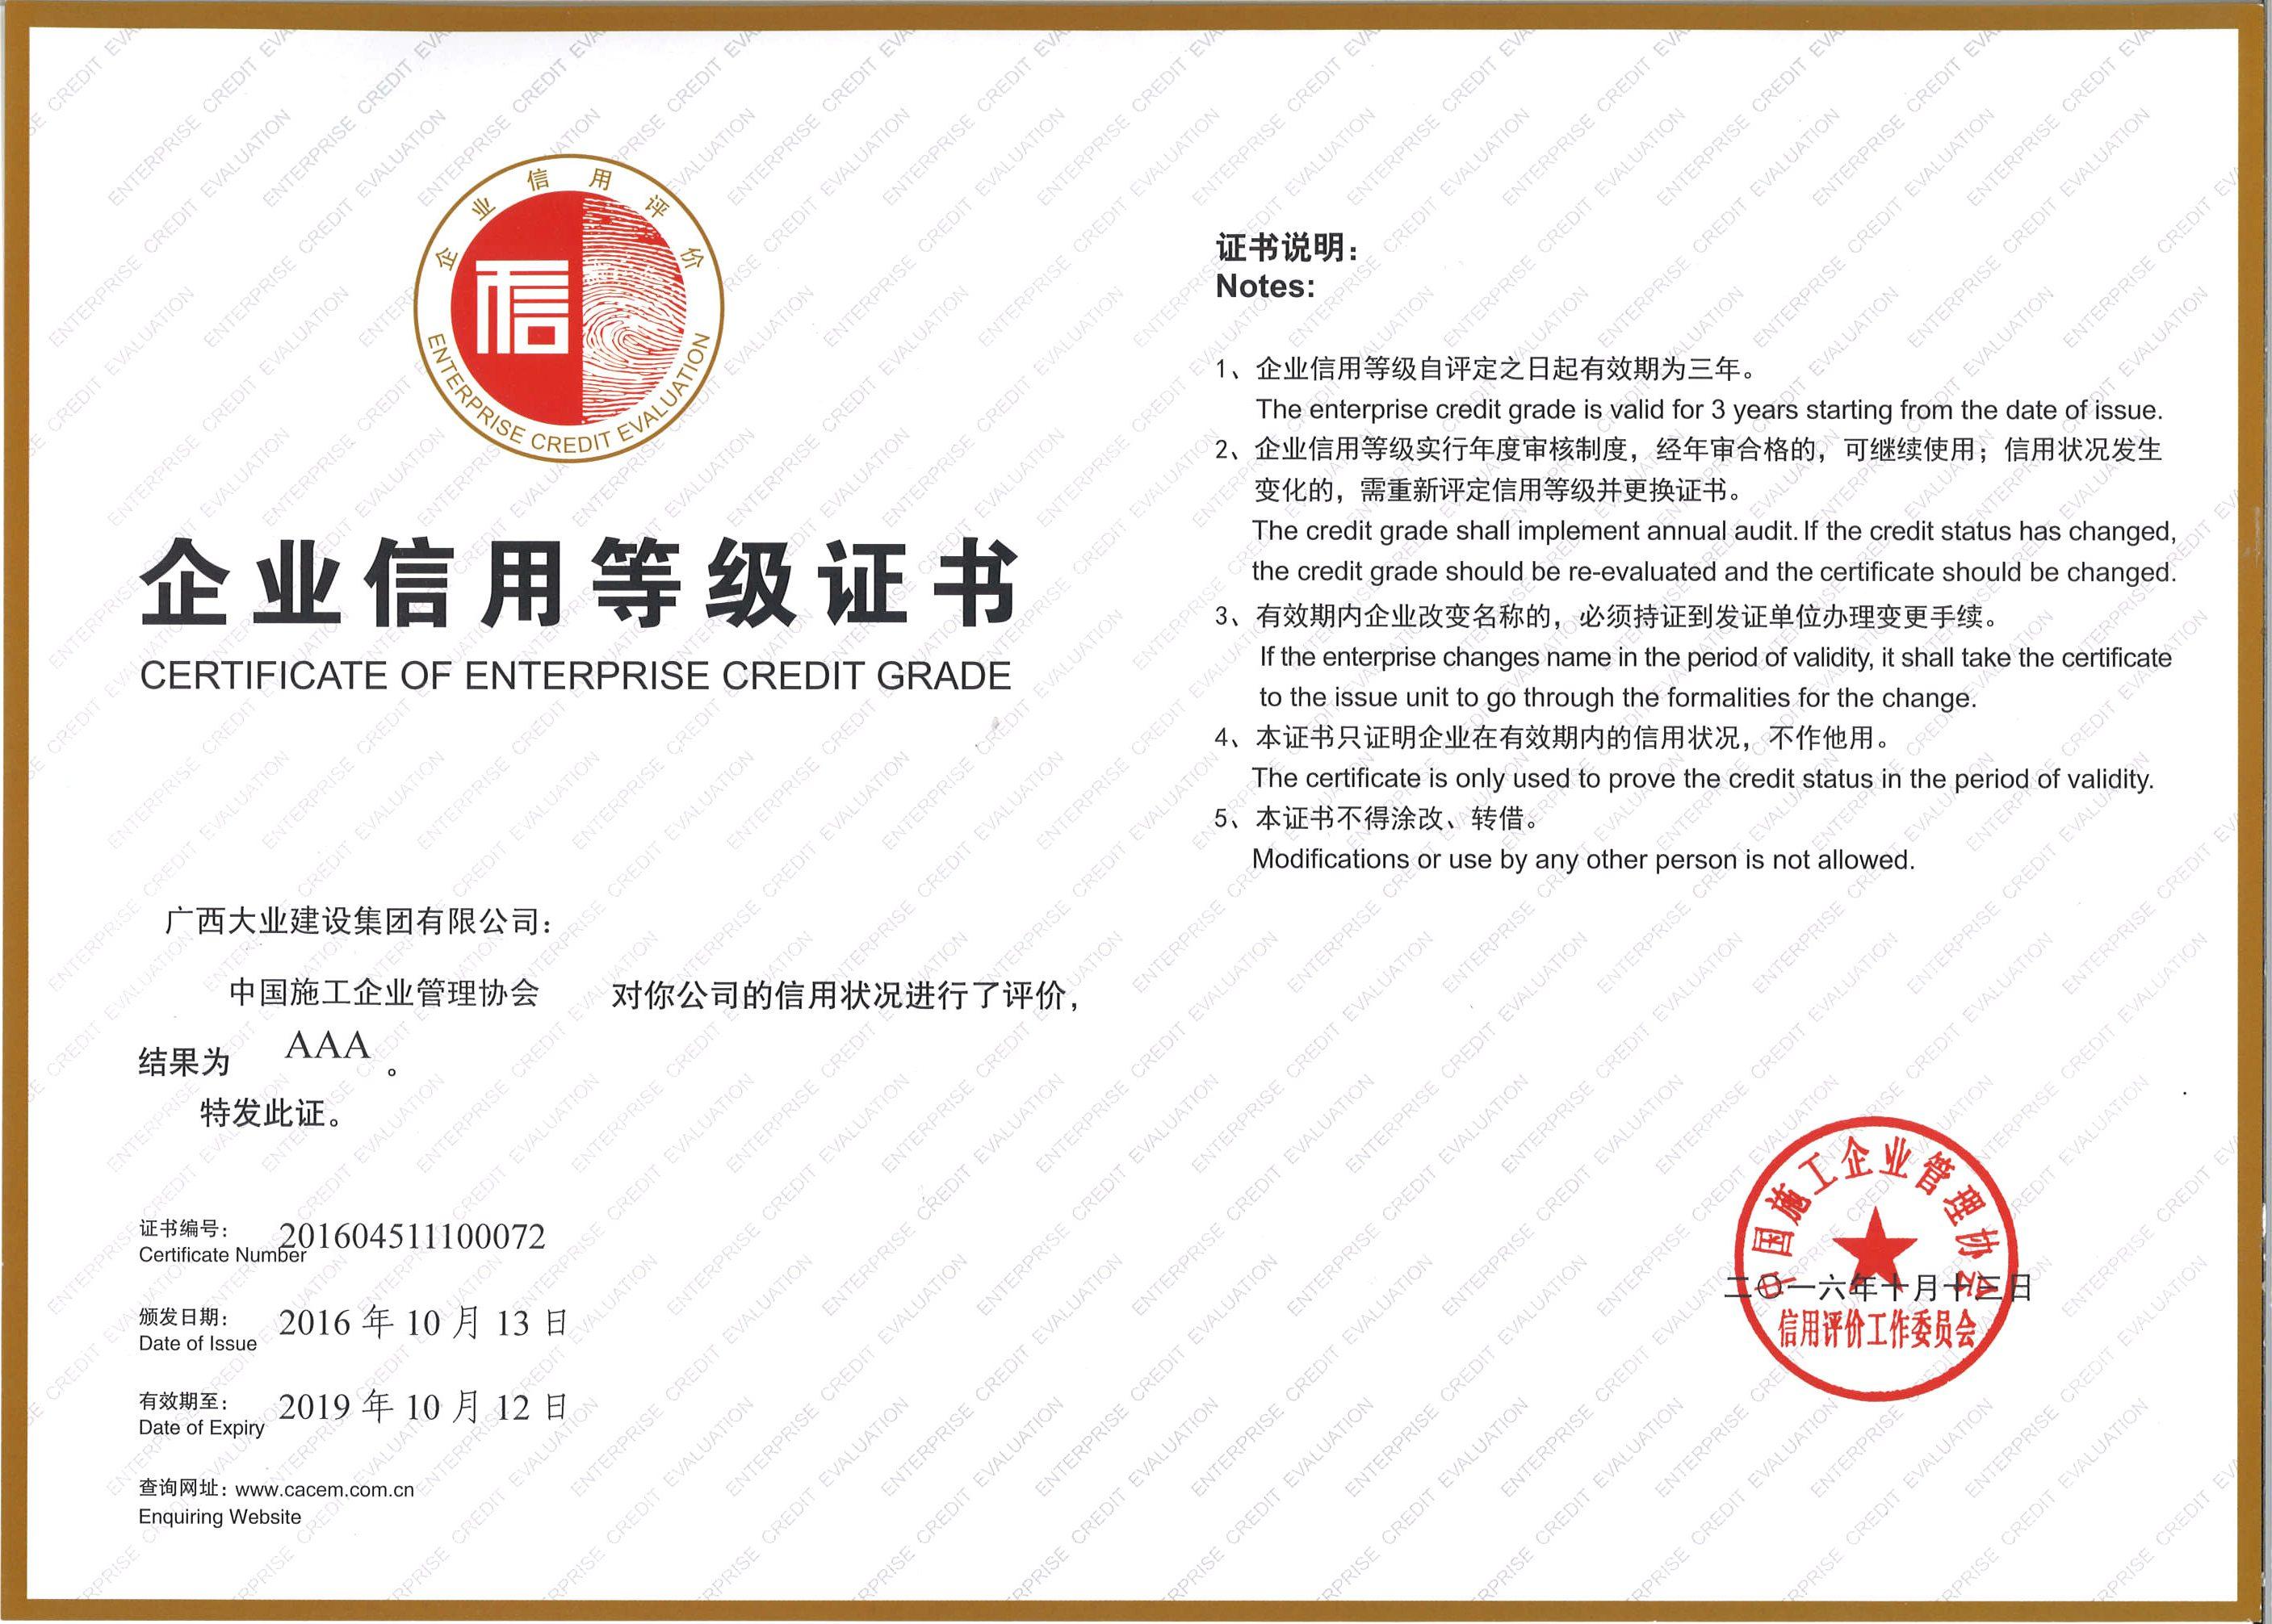 2016年企业信用等级AAA证书